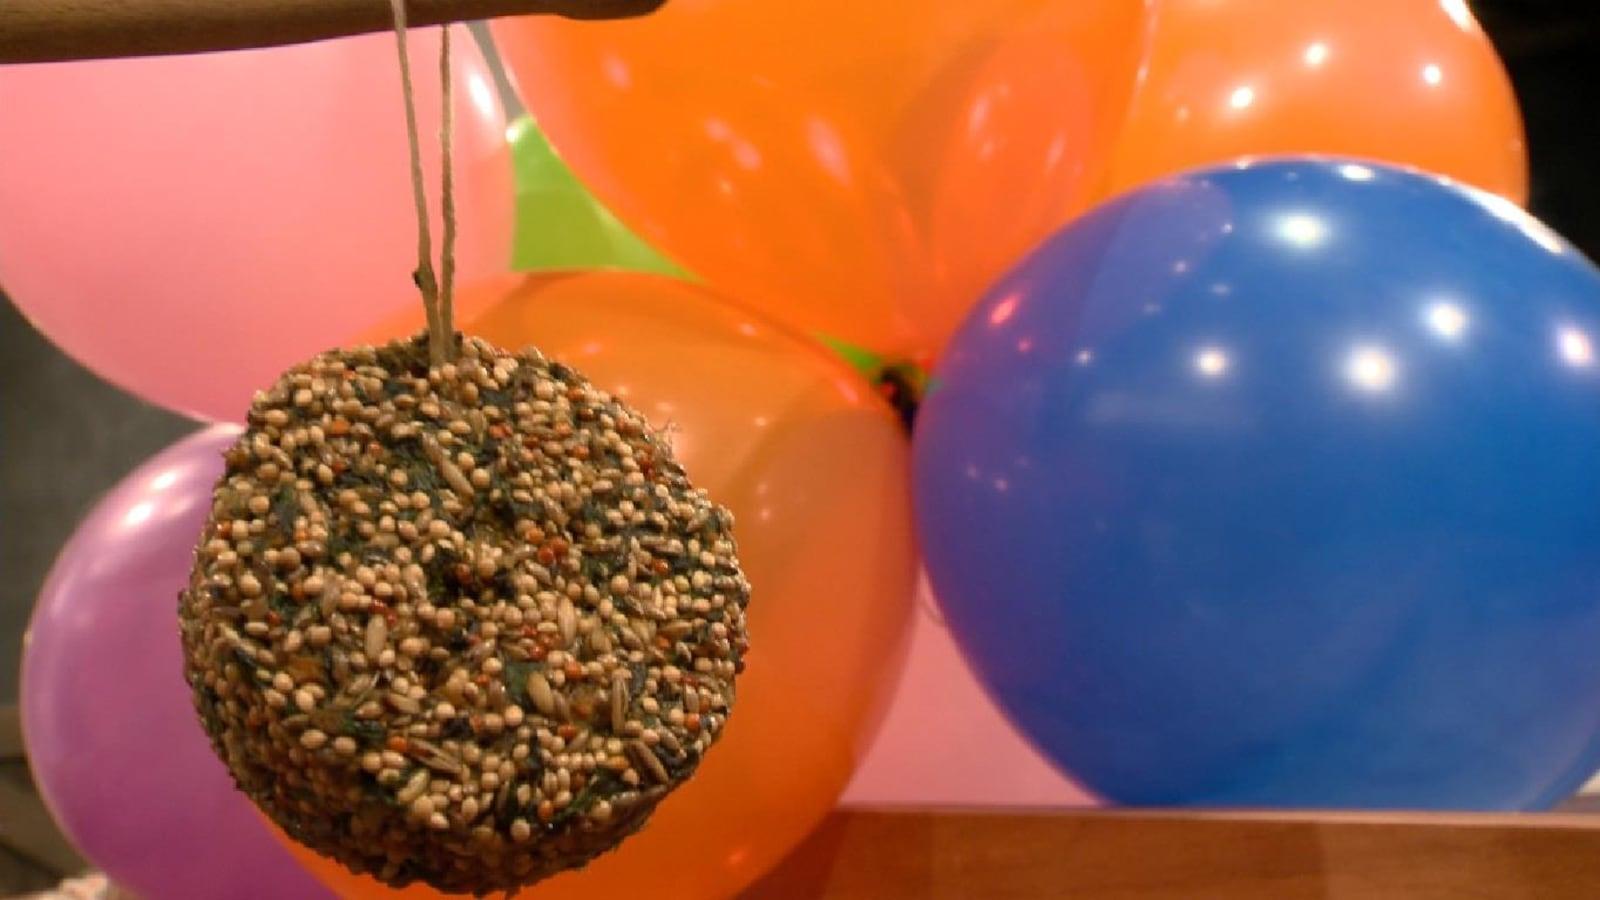 Entouré de ballons décoratifs